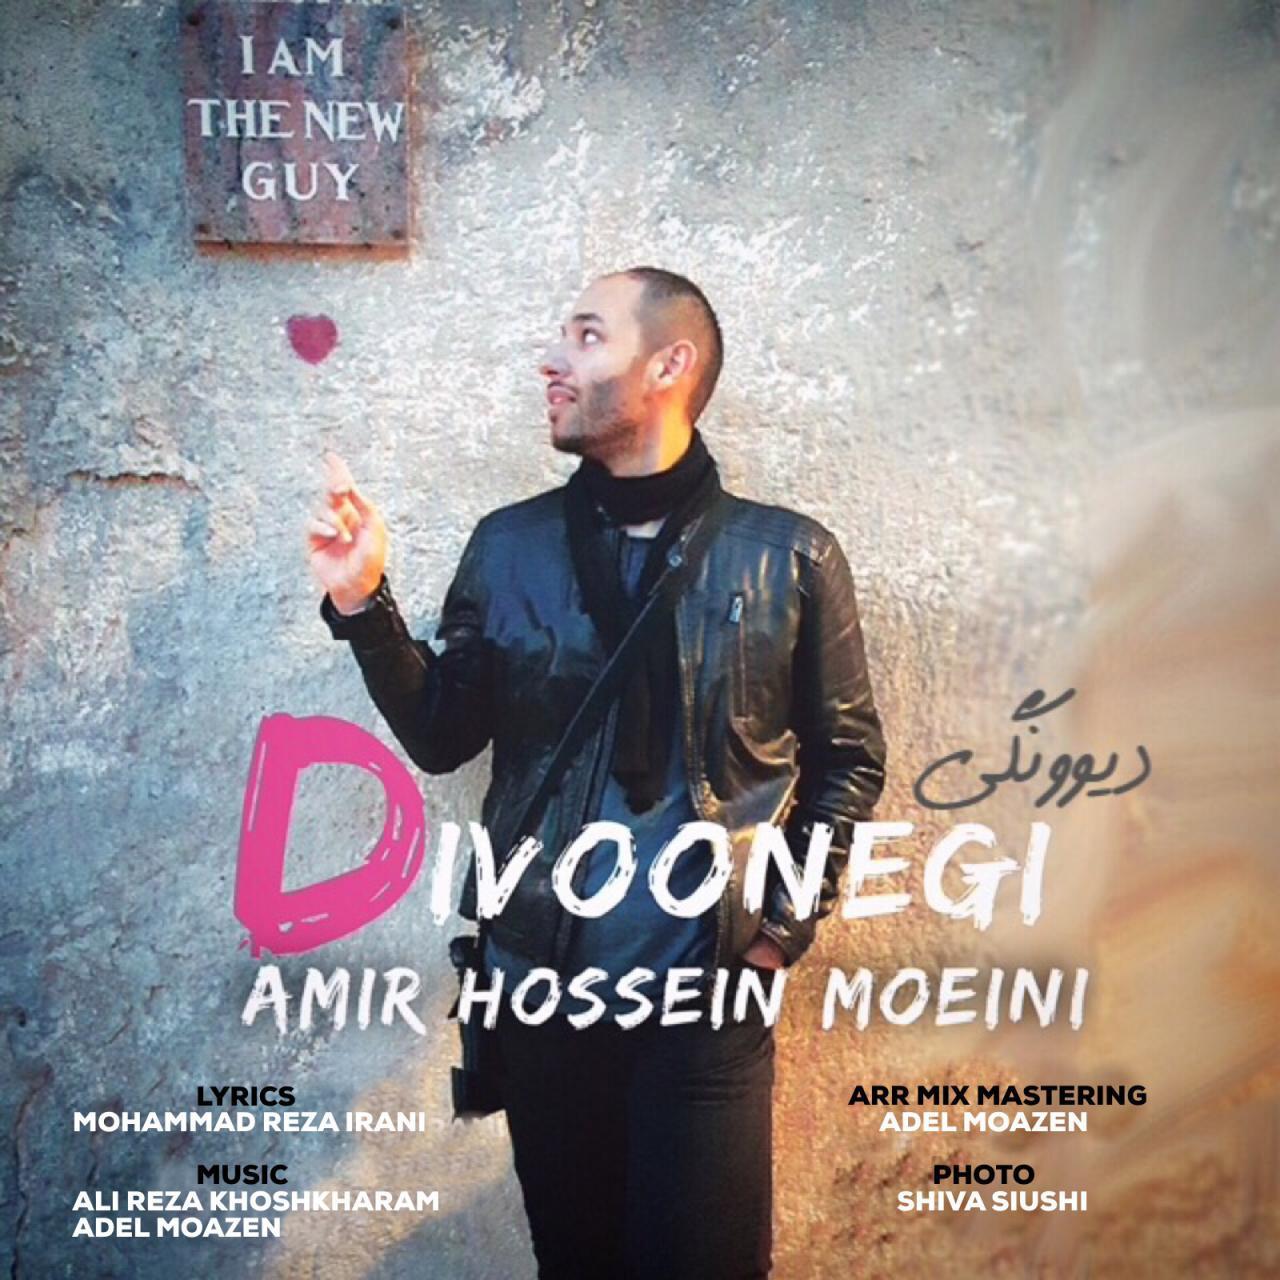 Amir Hossein Moeini – Divoonegi